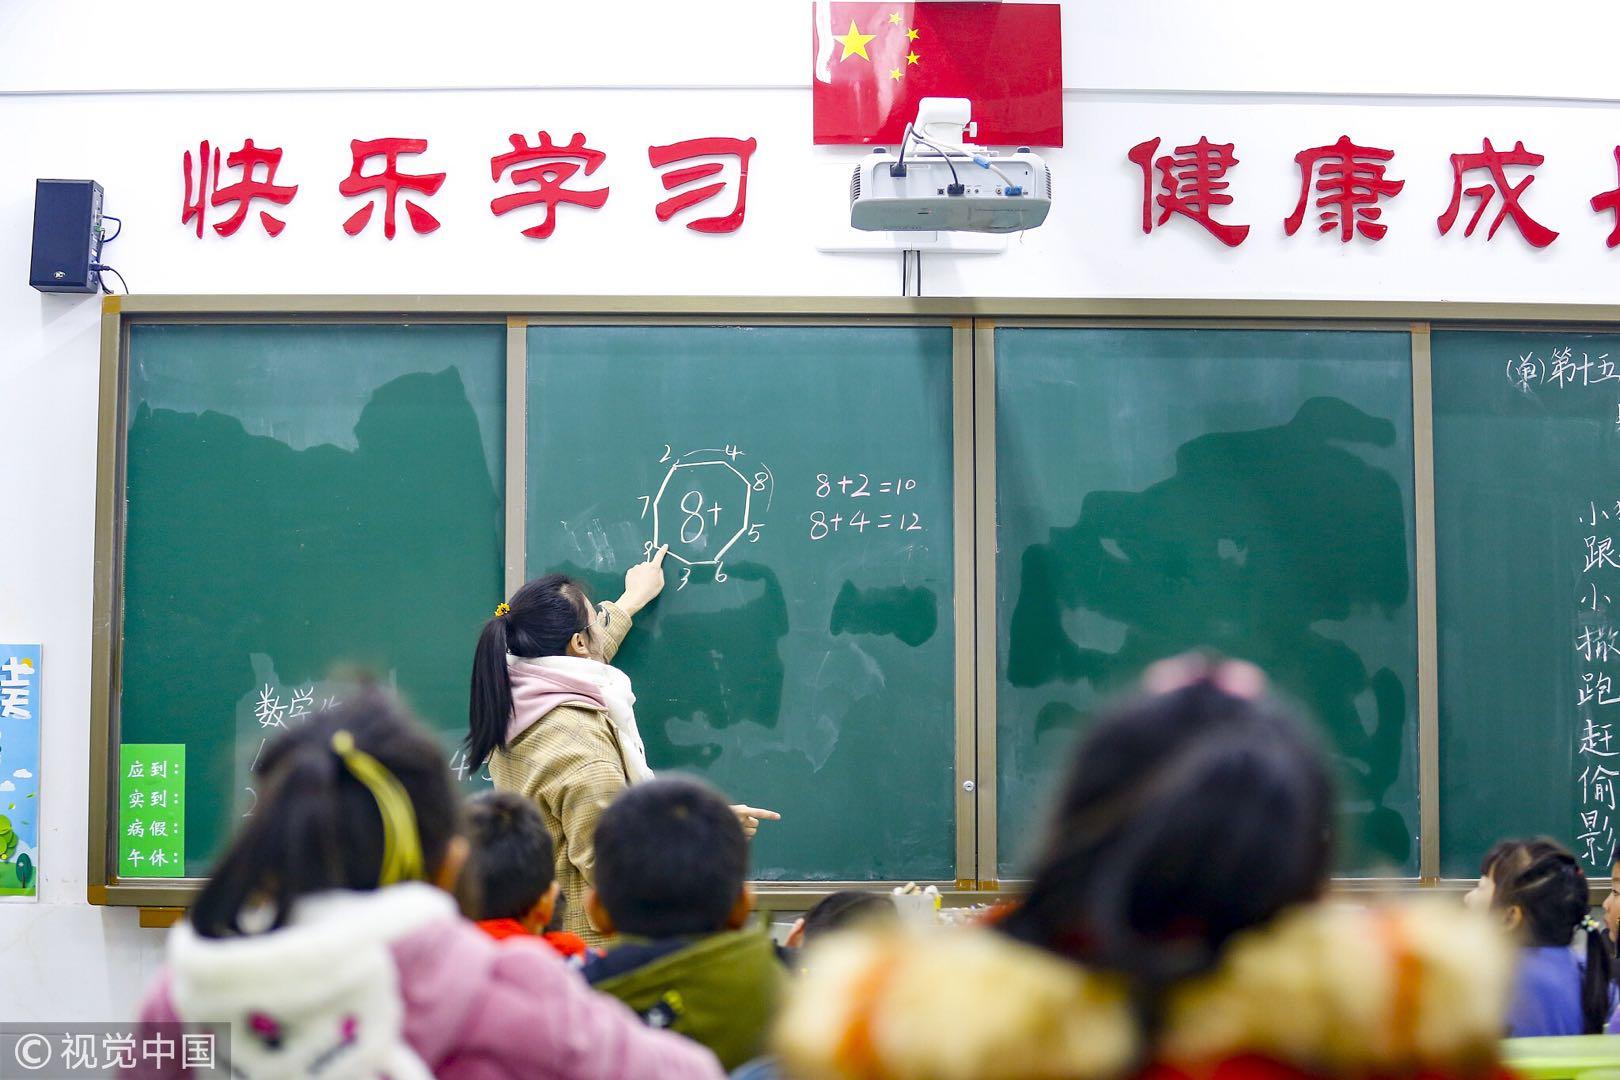 """聚焦""""小问题"""",破解""""老难题""""! 江苏探索75万中小学教师职称改革新路径"""